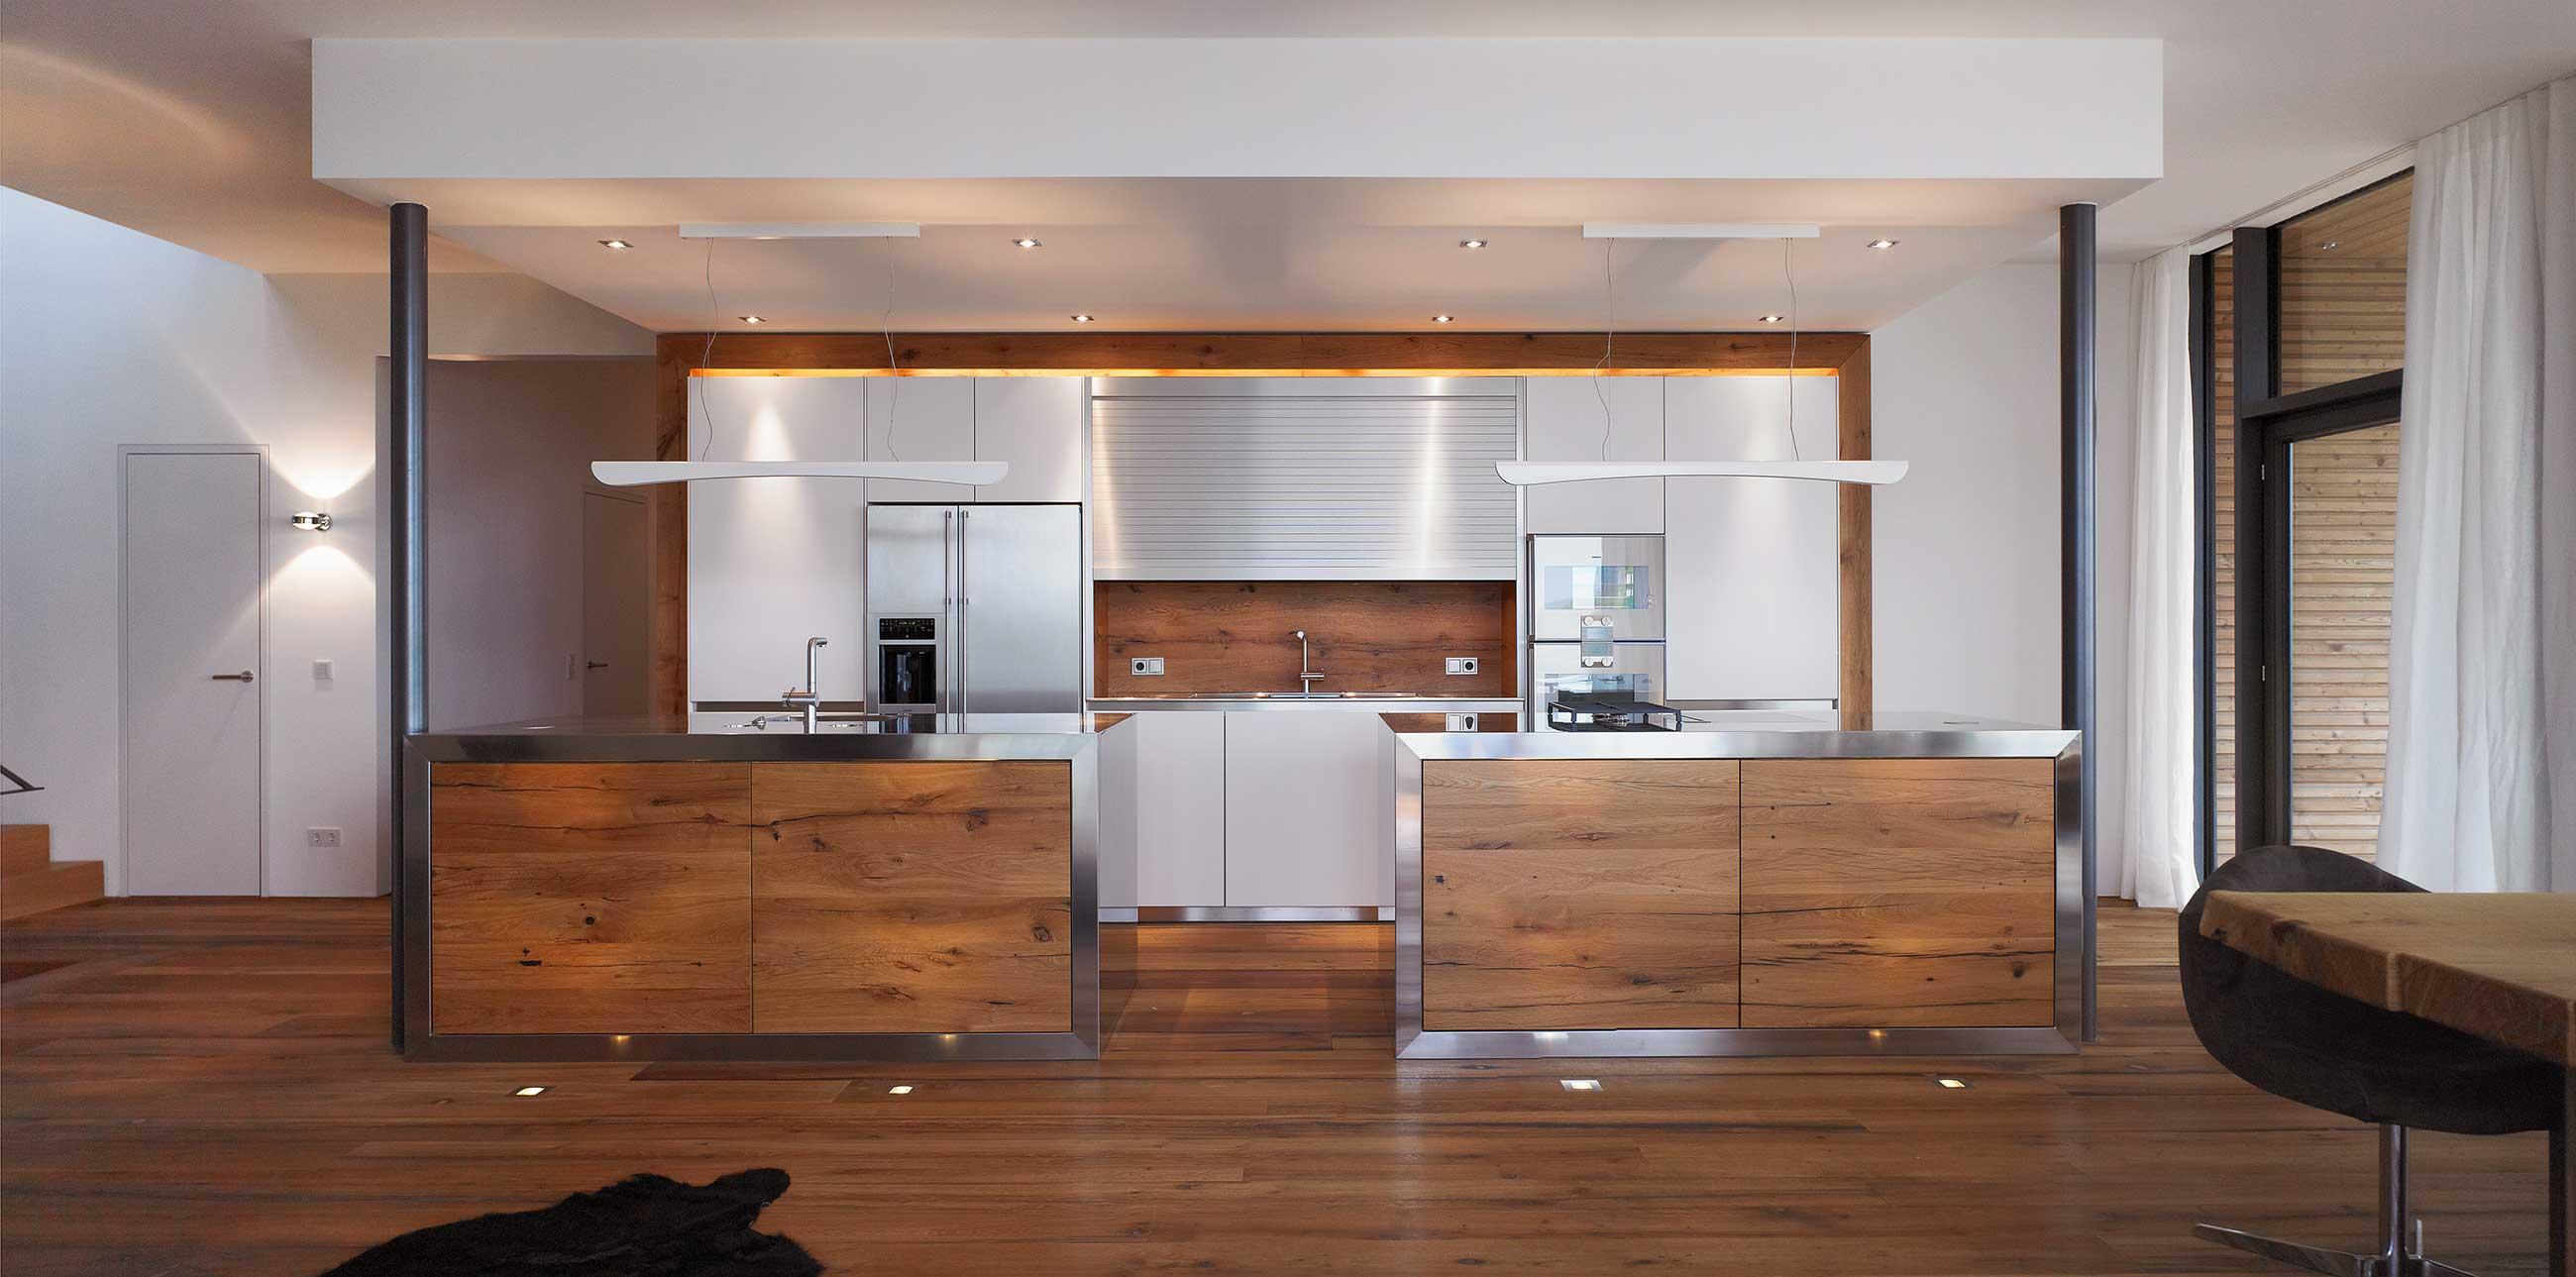 Küchentreff: Kühles Edelstahl trifft auf warmes Eichenholz ...